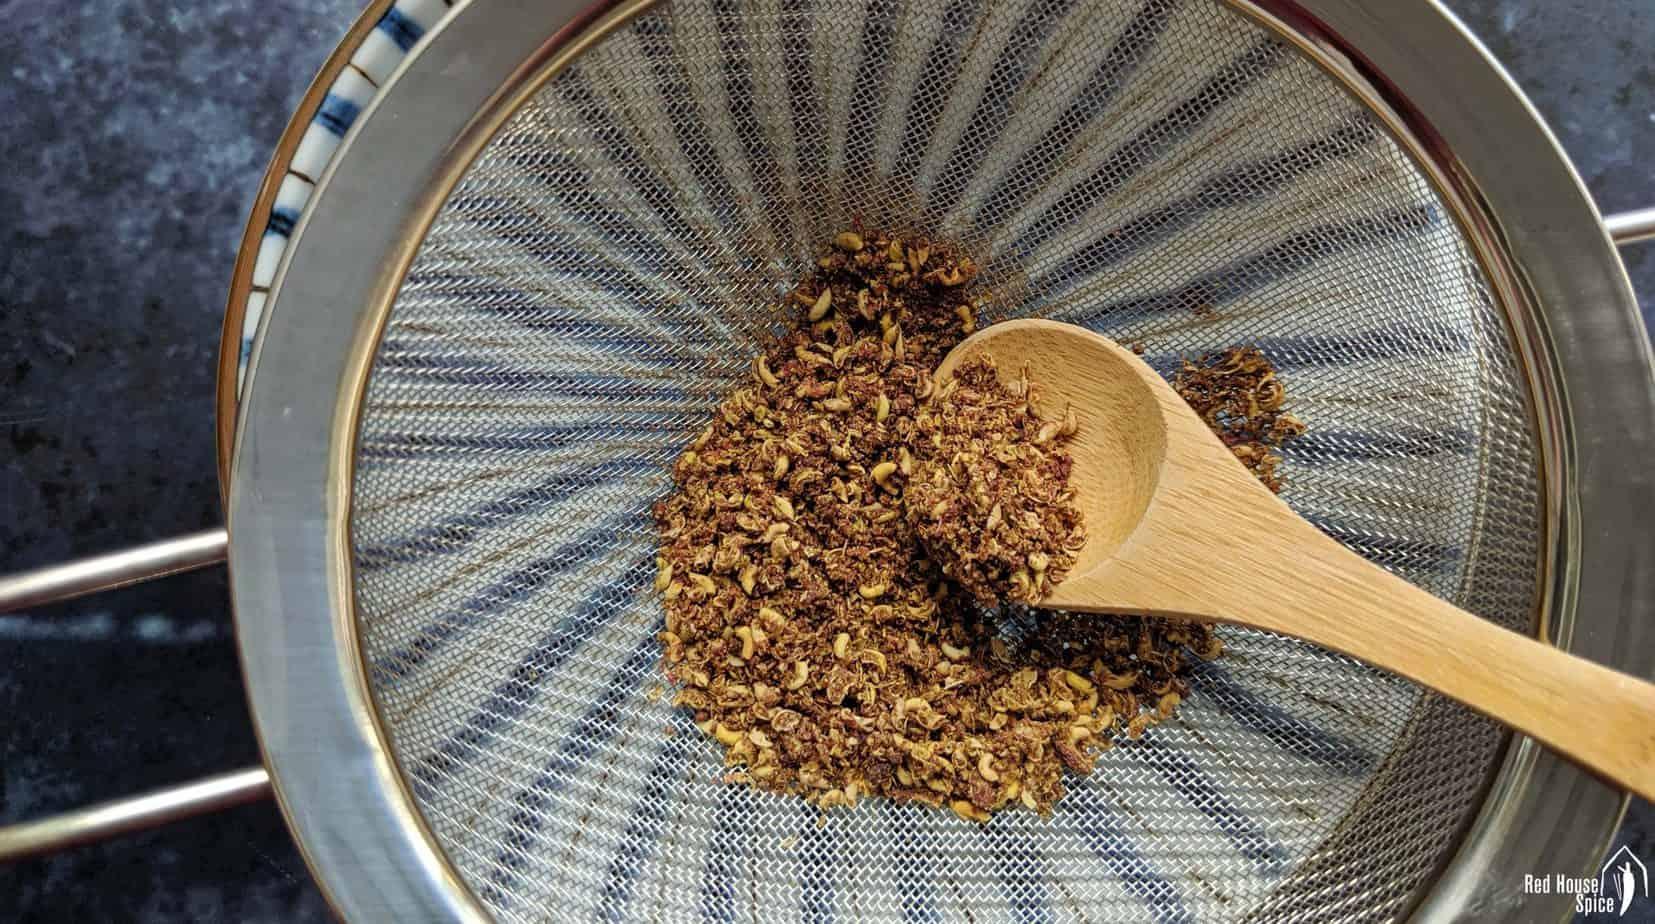 Crushed Sichuan pepper in a sieve